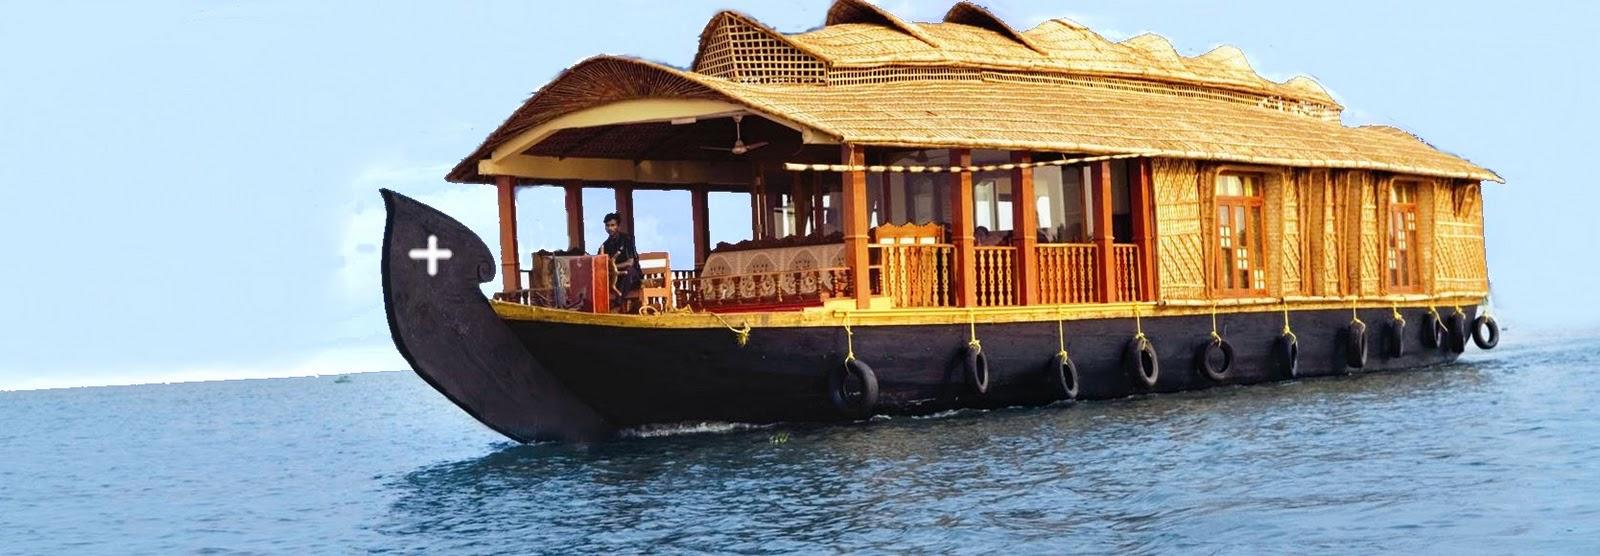 Houseboats+in+Kerala-4.jpg